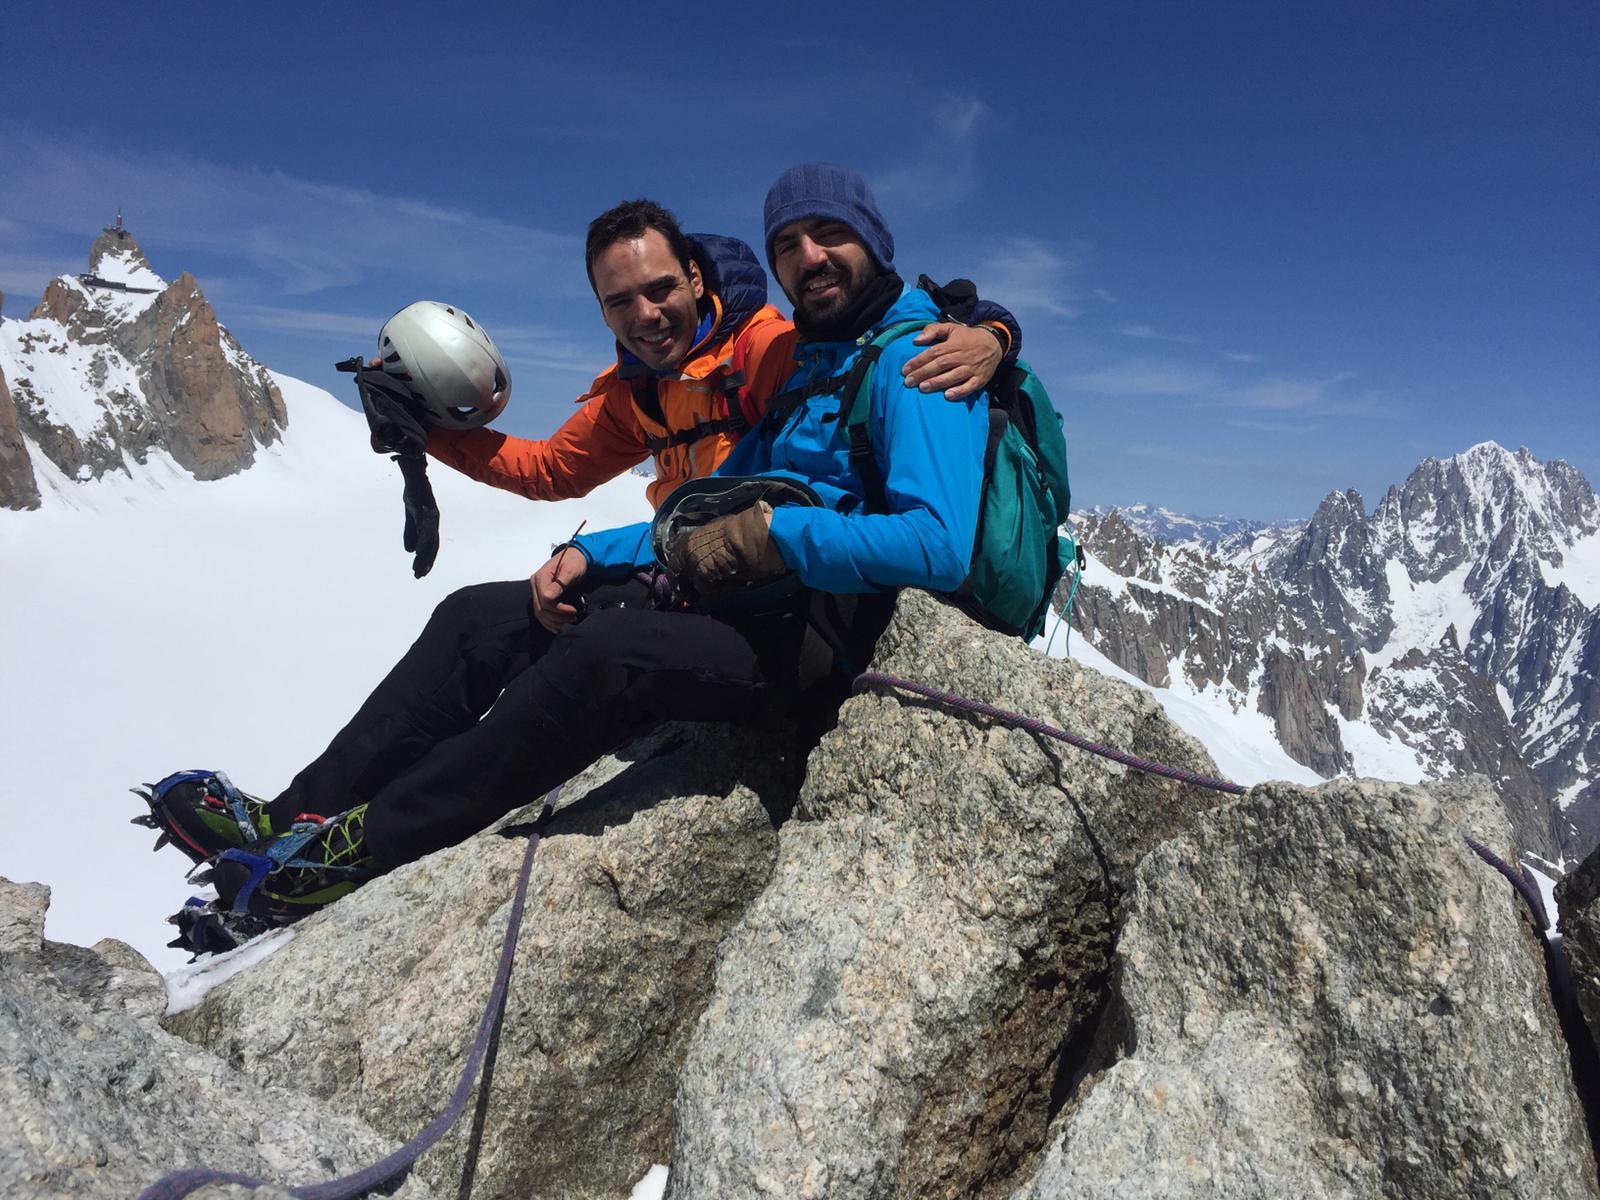 Alex et Raph au sommet de la Pointe Lachenal. Bravo !